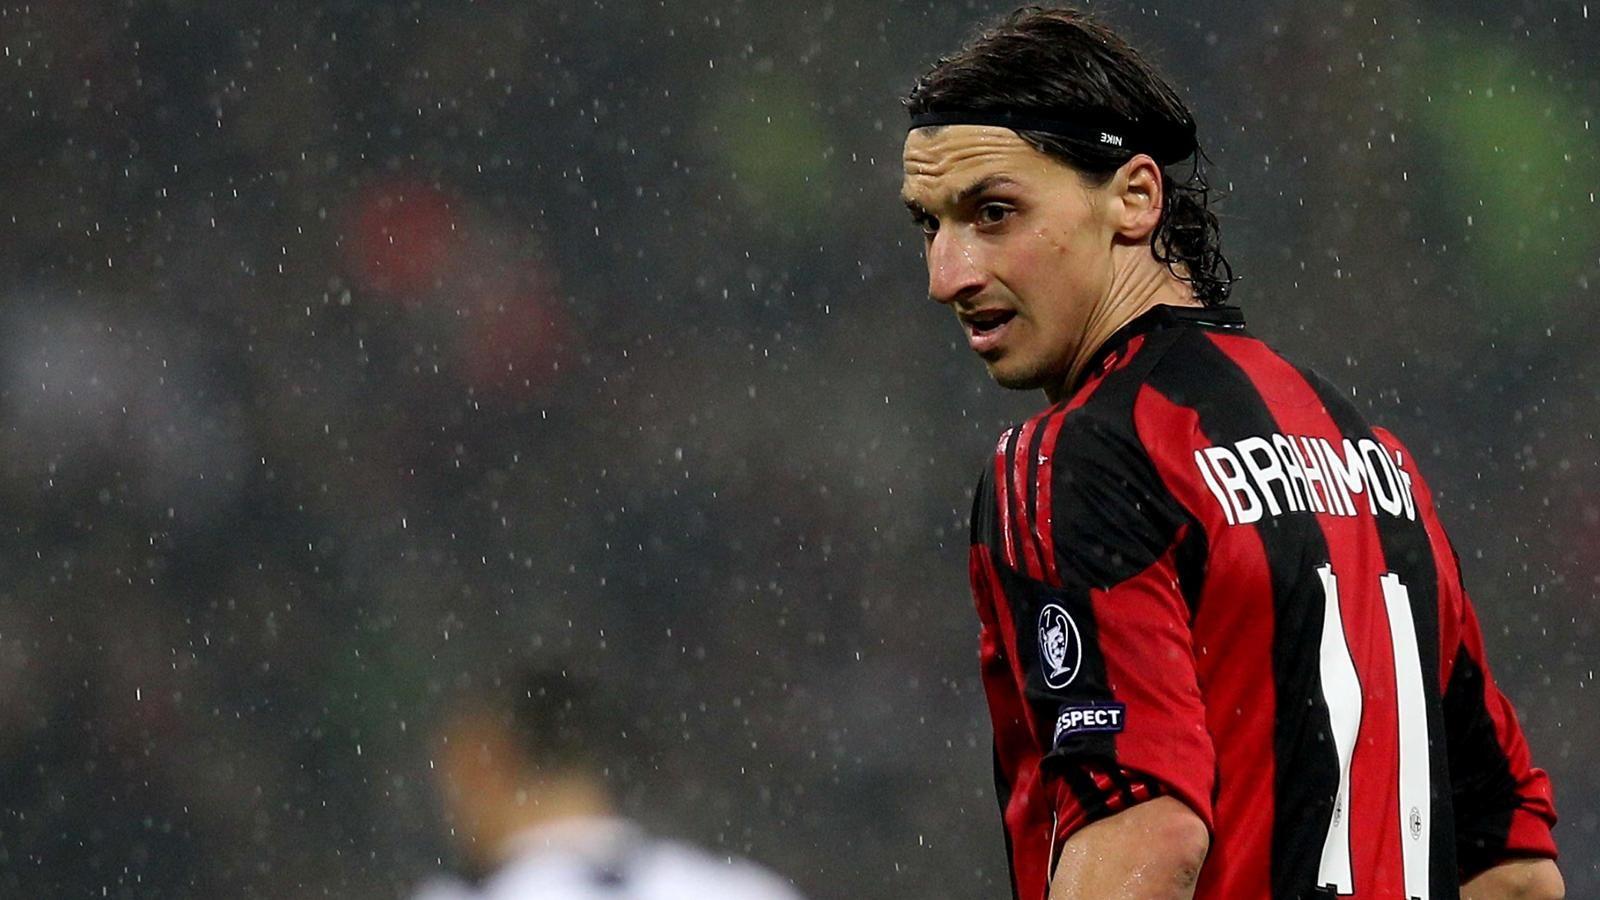 Златан Ибграгимович может вернуться в европейский футбол